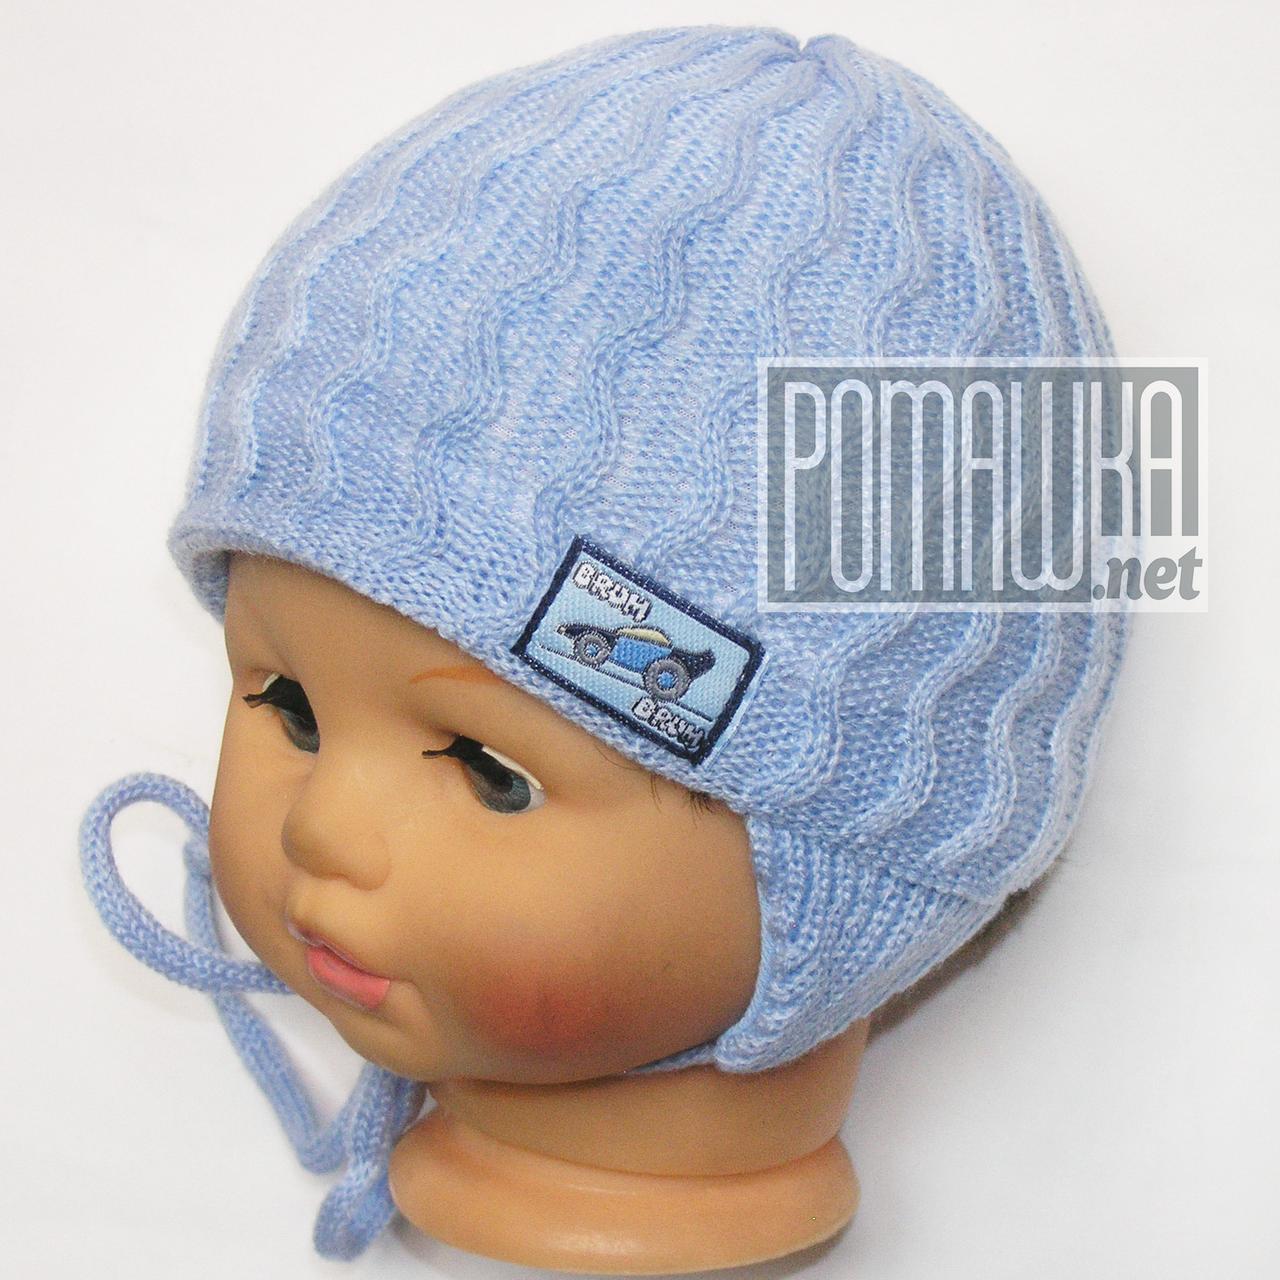 Вязаная шапочка осень весна р 36-40 0-5 мес на мальчика новорожденных малышей осенняя весенняя 2710 Голубой 38